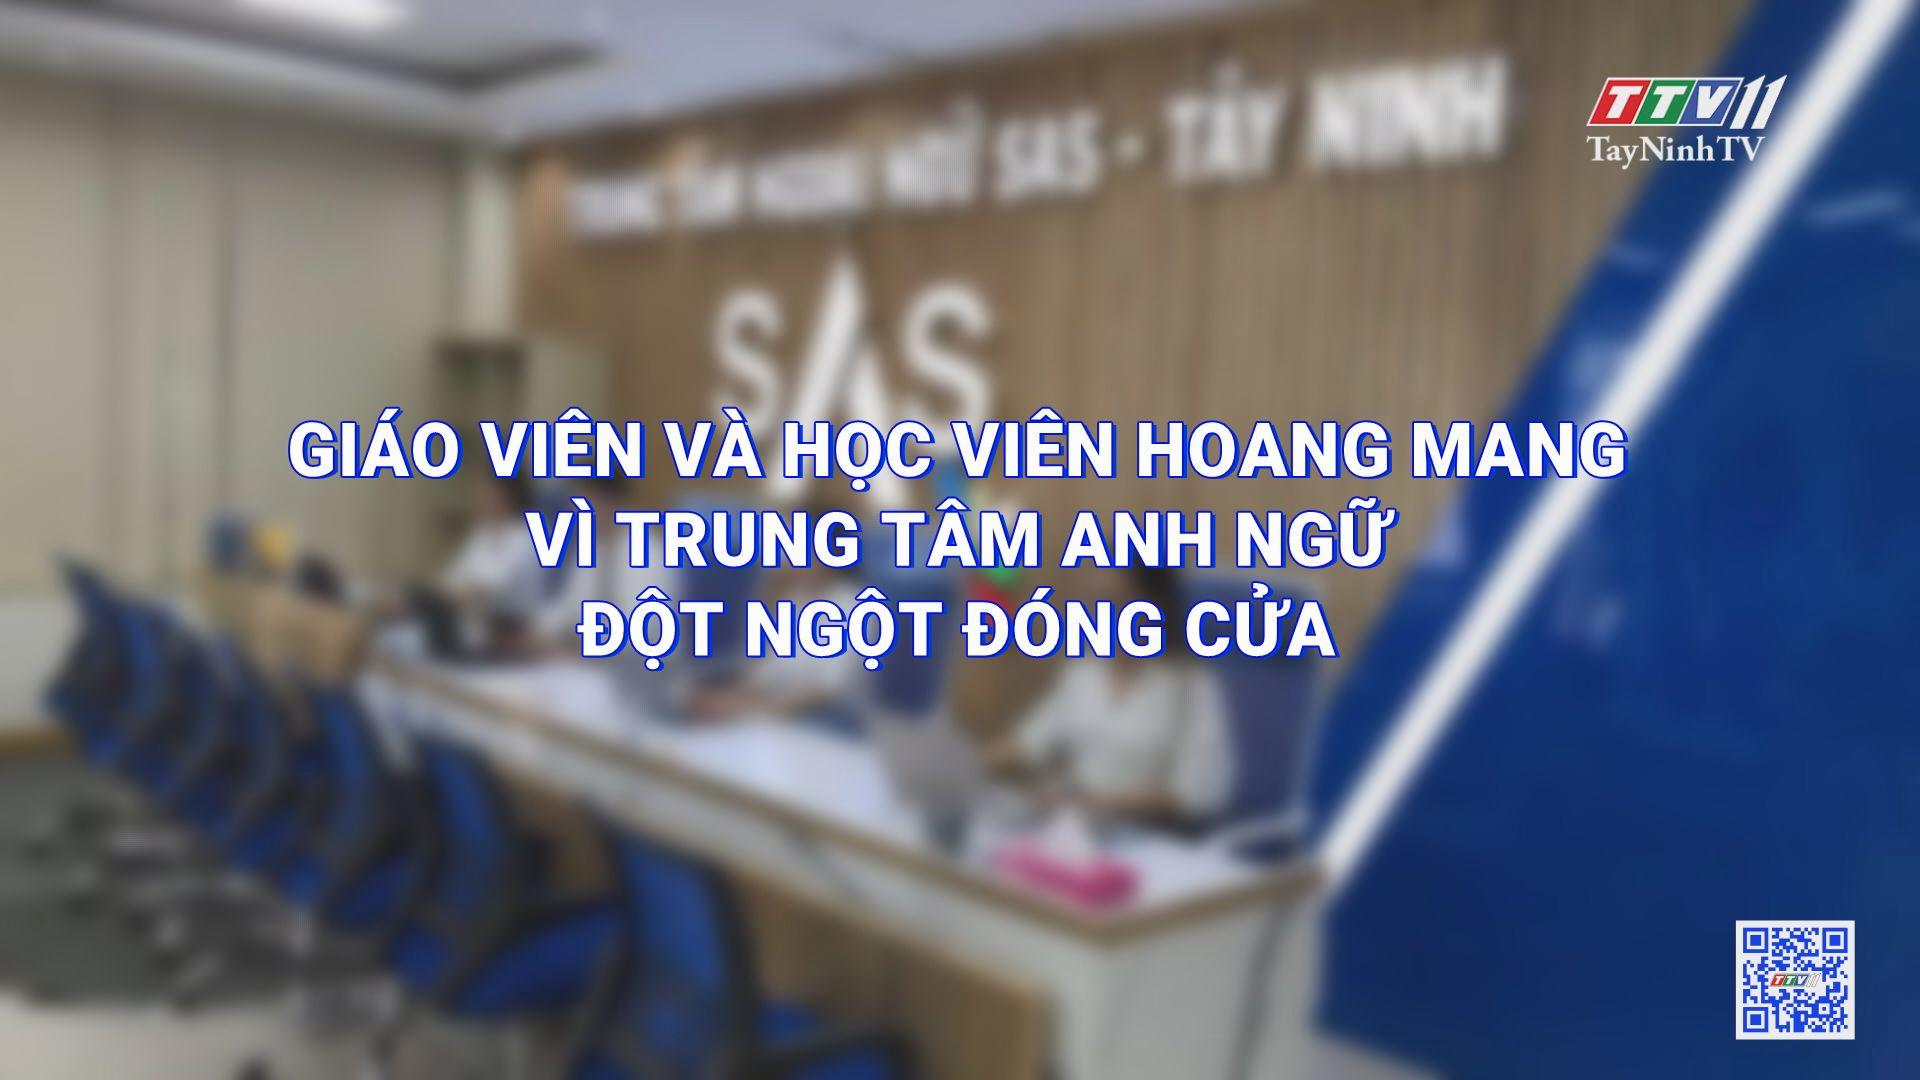 Giáo viên và học viên hoang mang vì trung tâm Anh ngữ đột ngột đóng cửa | HỘP THƯ TRUYỀN HÌNH | TayNinhTV